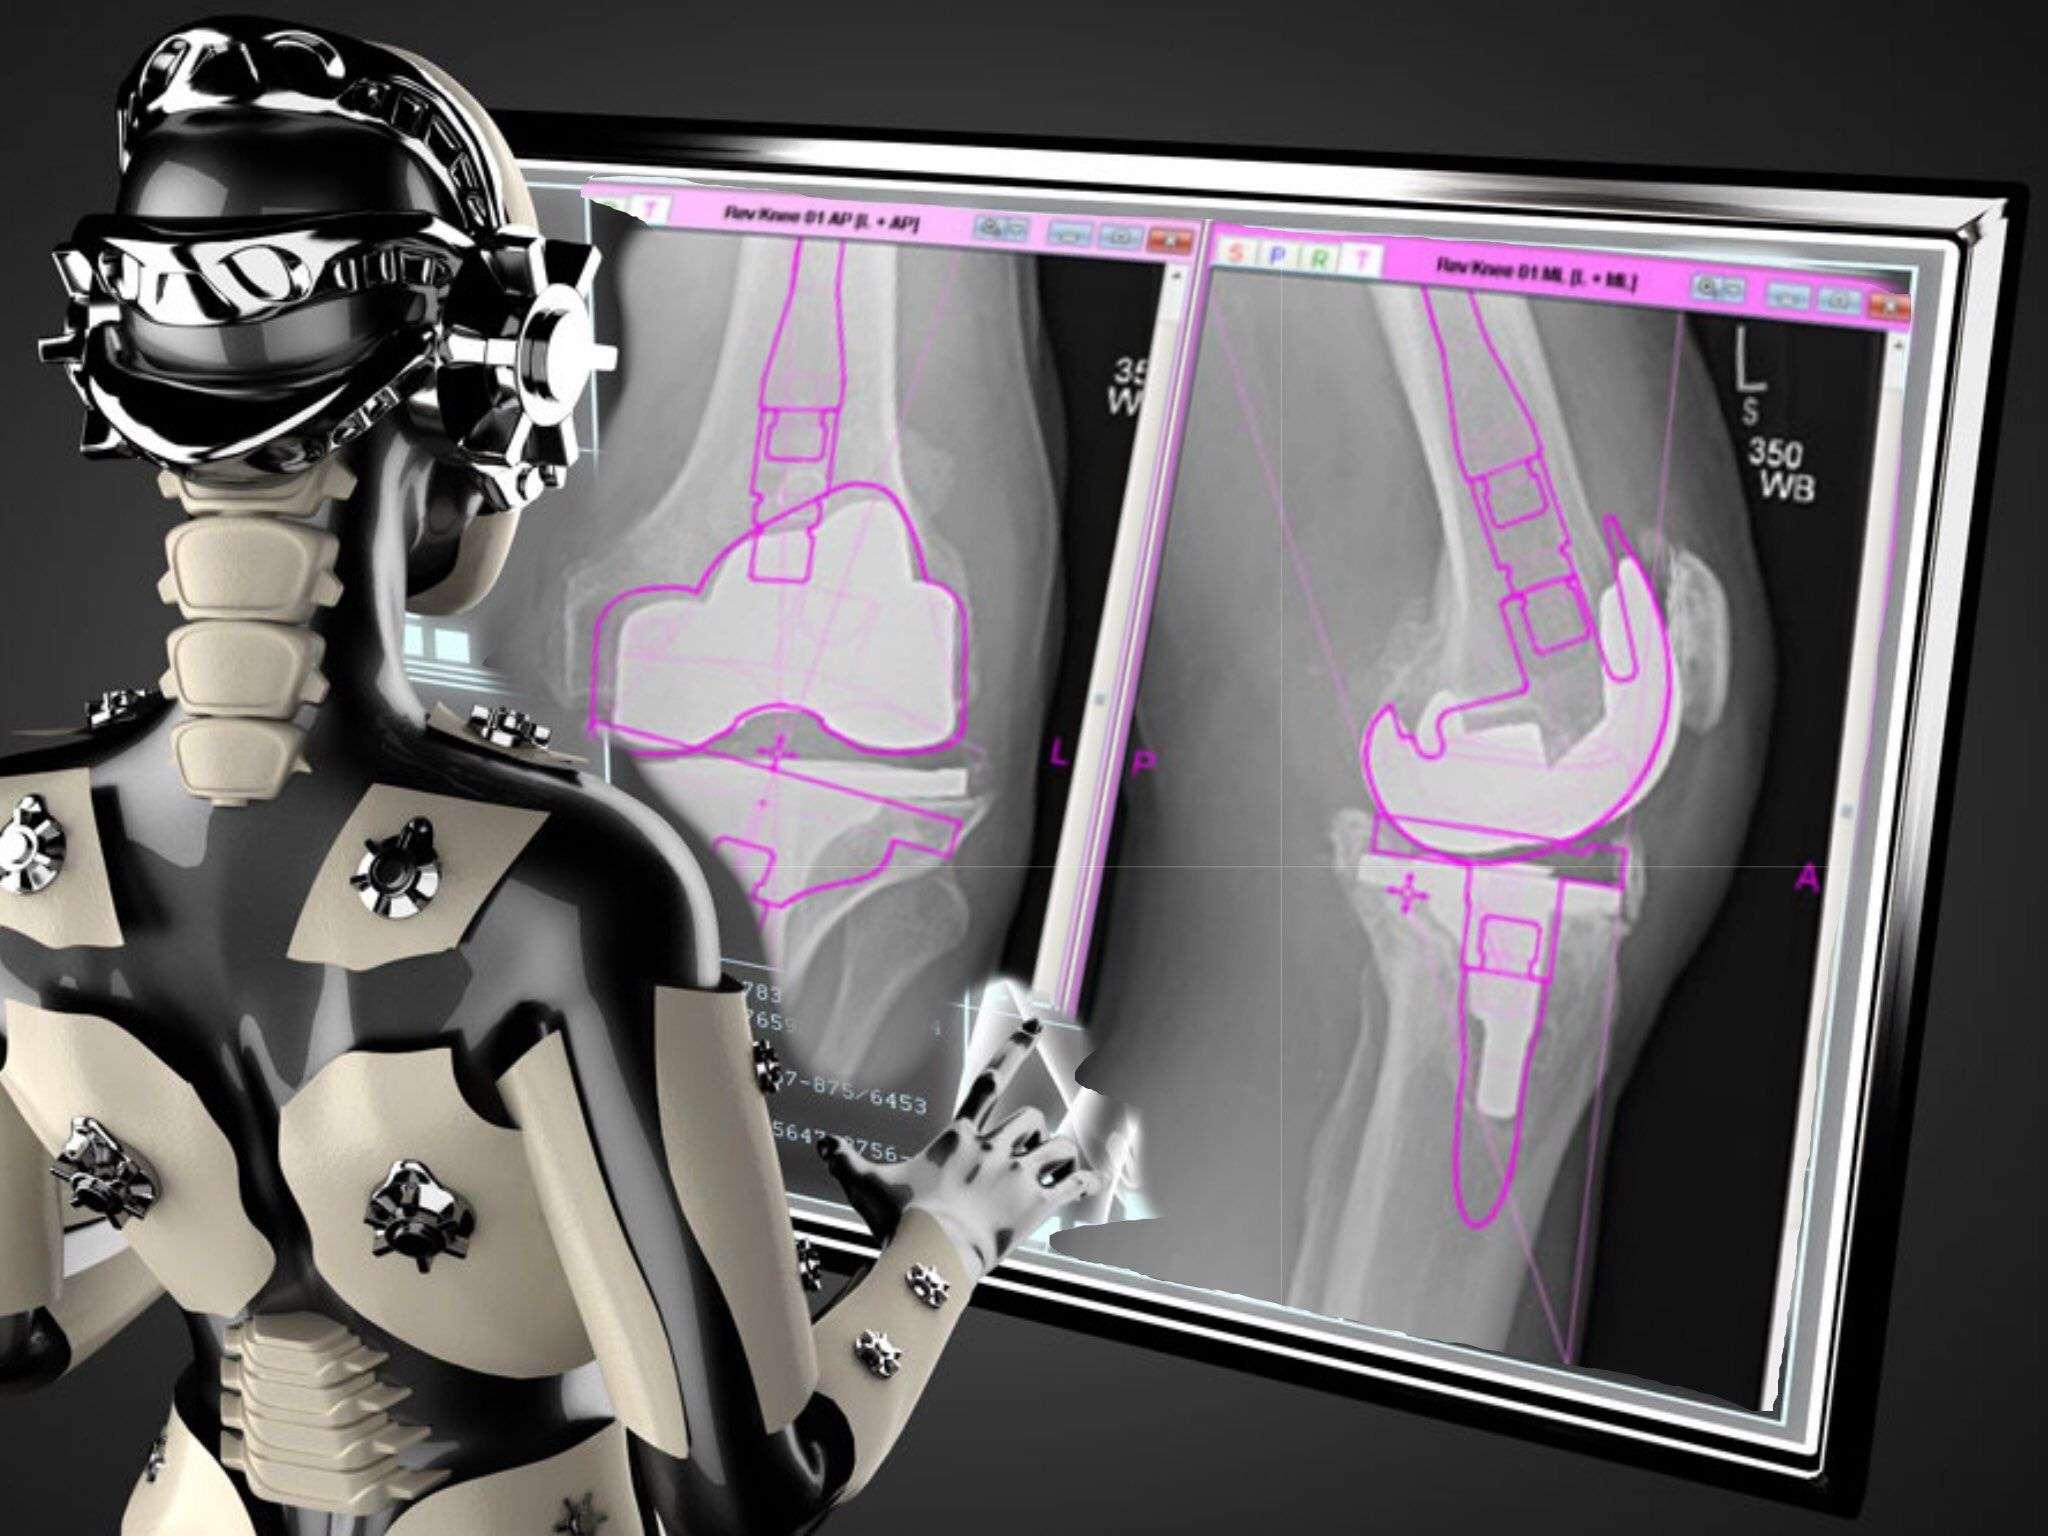 эндопротезирование ТЭП коленного сустава